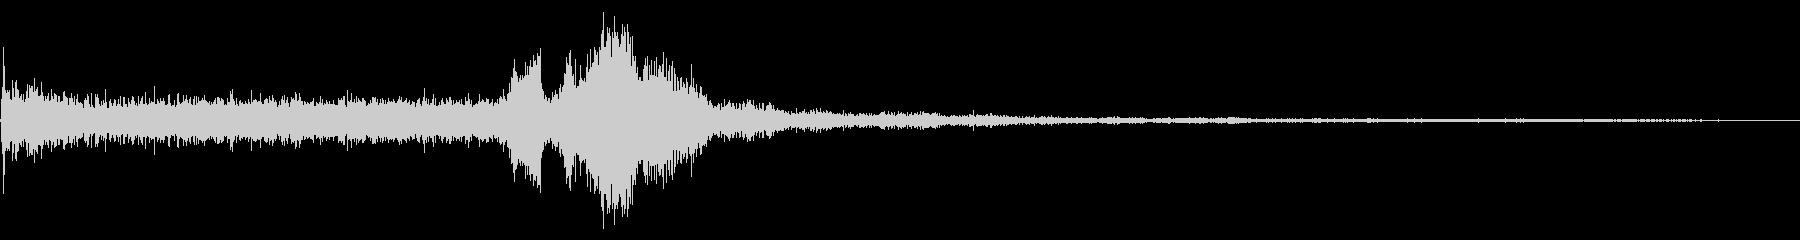 ハマーH1 SUV:EXT:スター...の未再生の波形